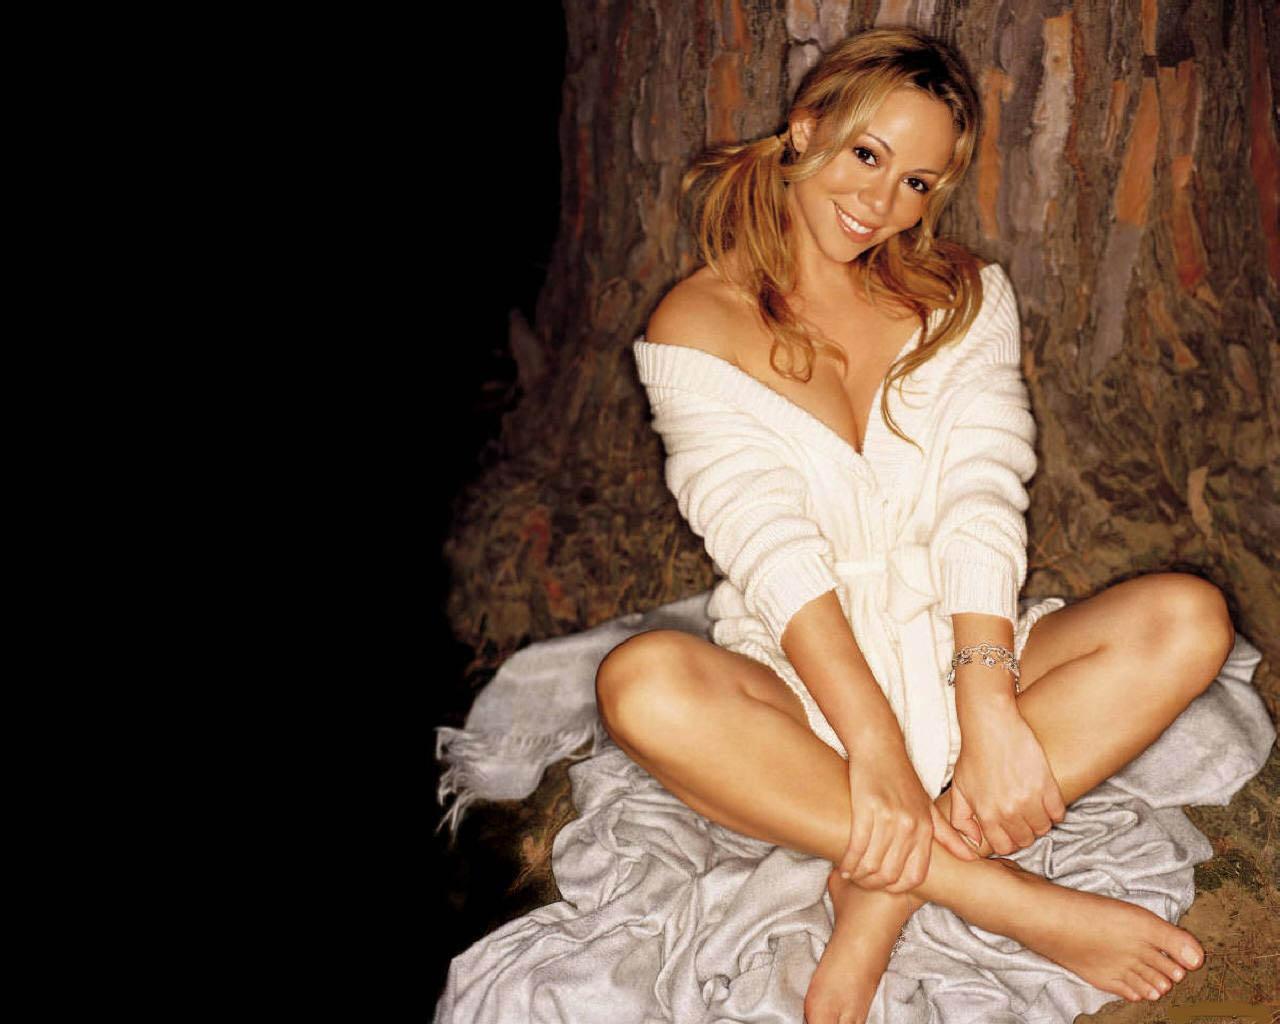 Mariah Carey Porn Star 92